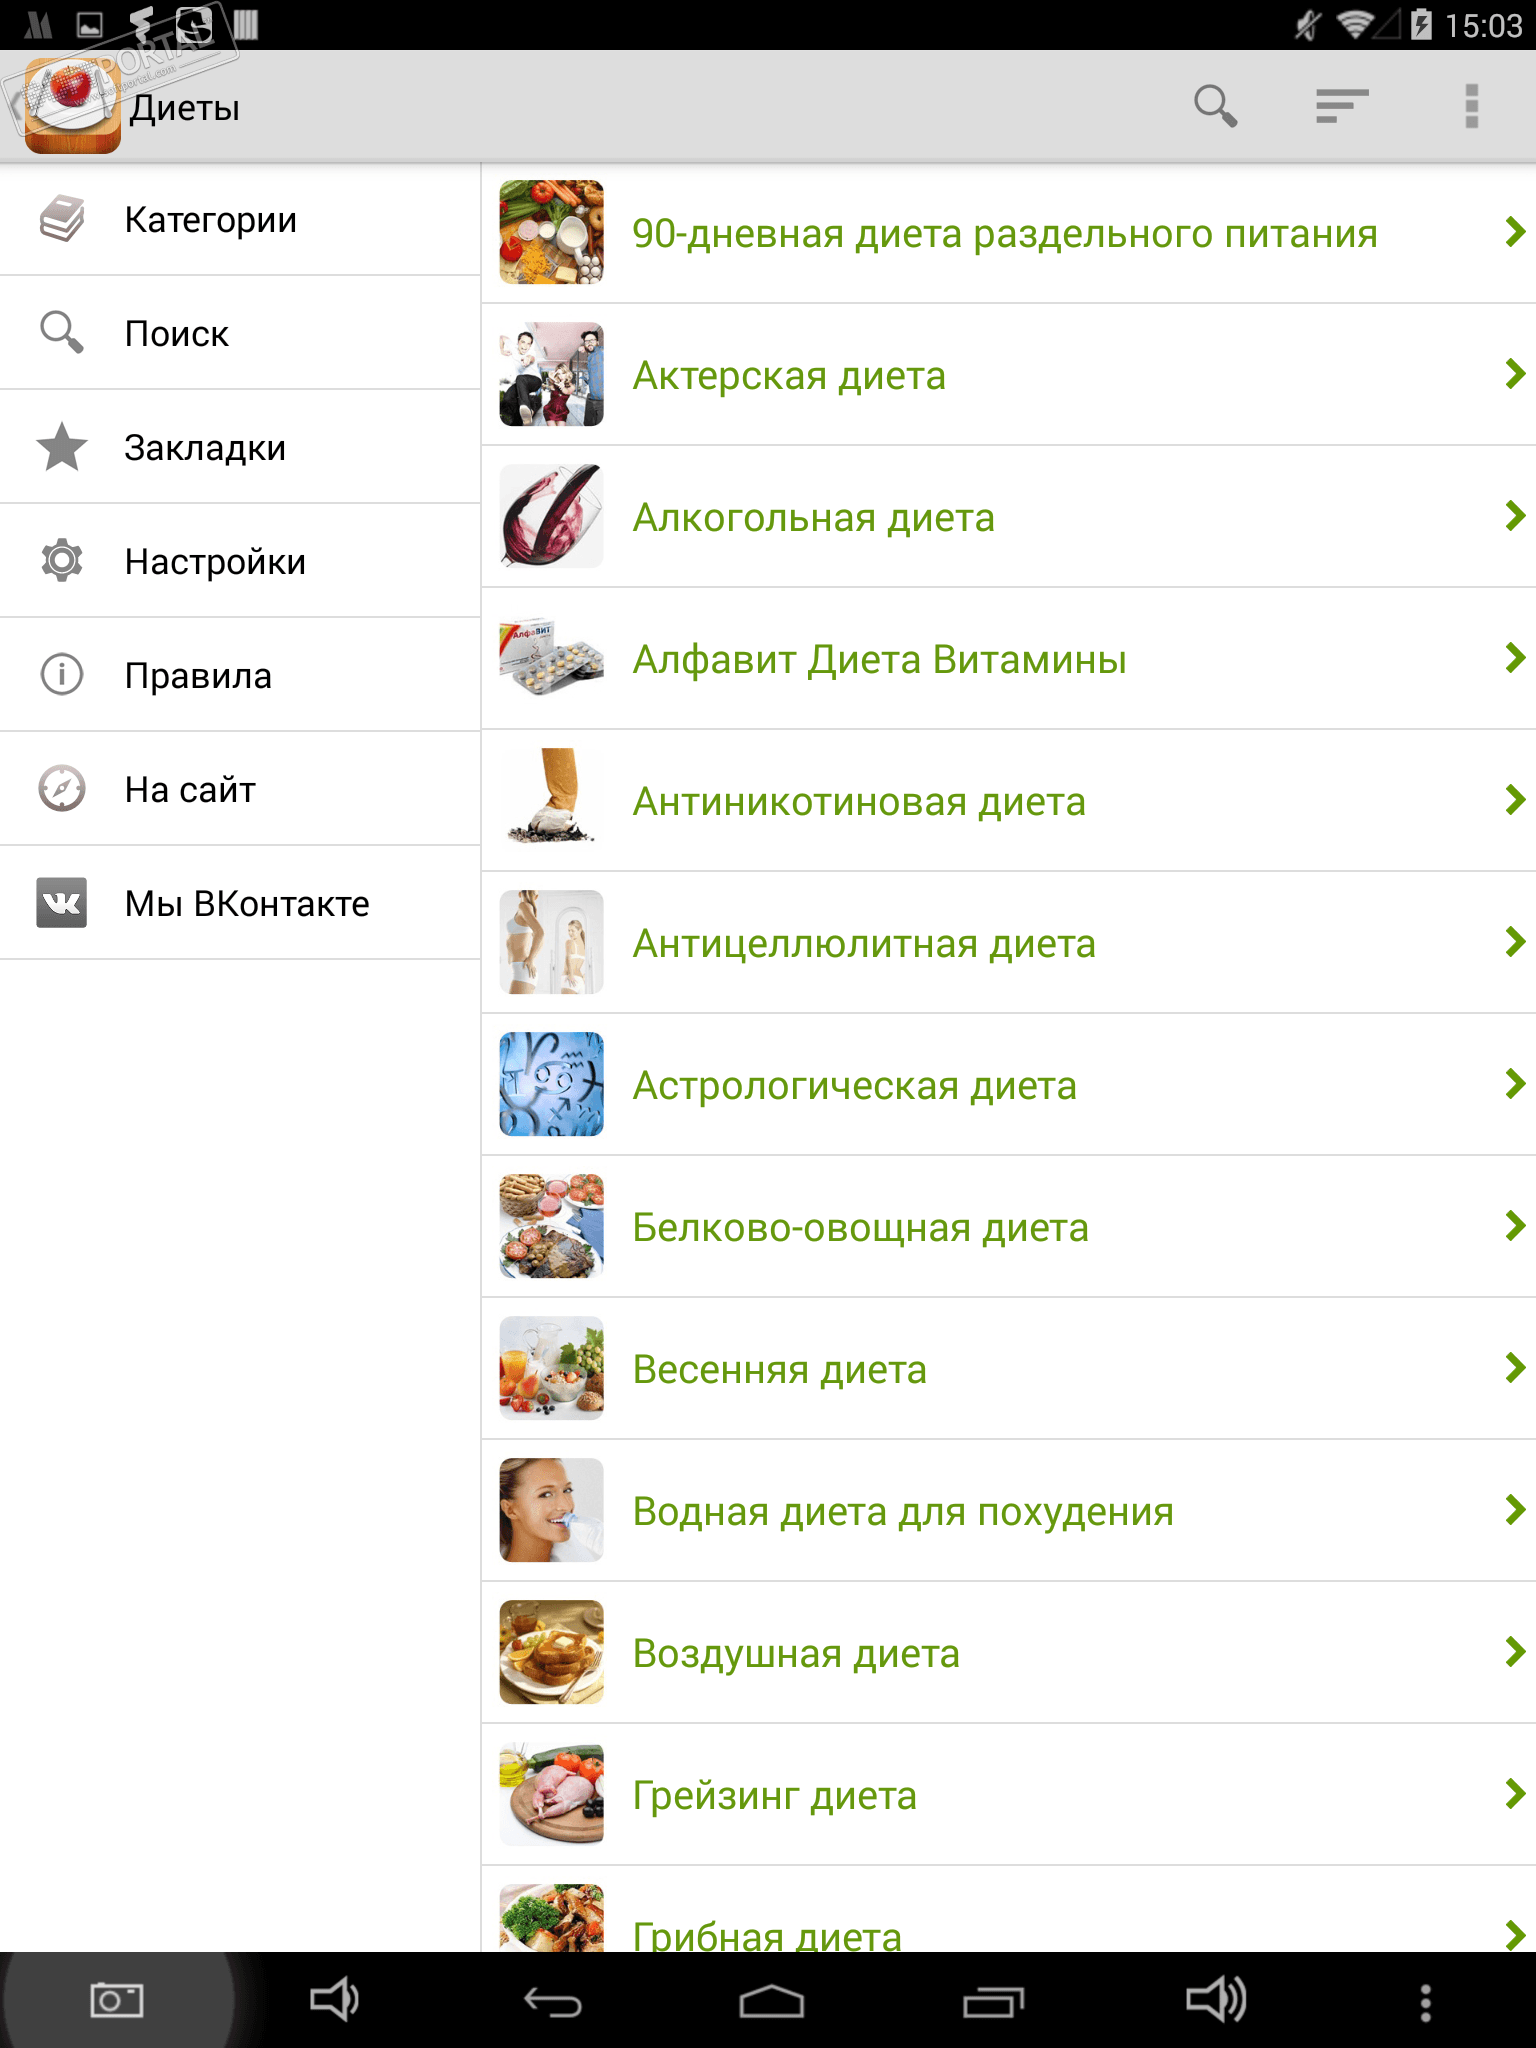 Алкогольная диета для похудения: меню, отзывы и результаты, плюсы и минусы | диеты и рецепты